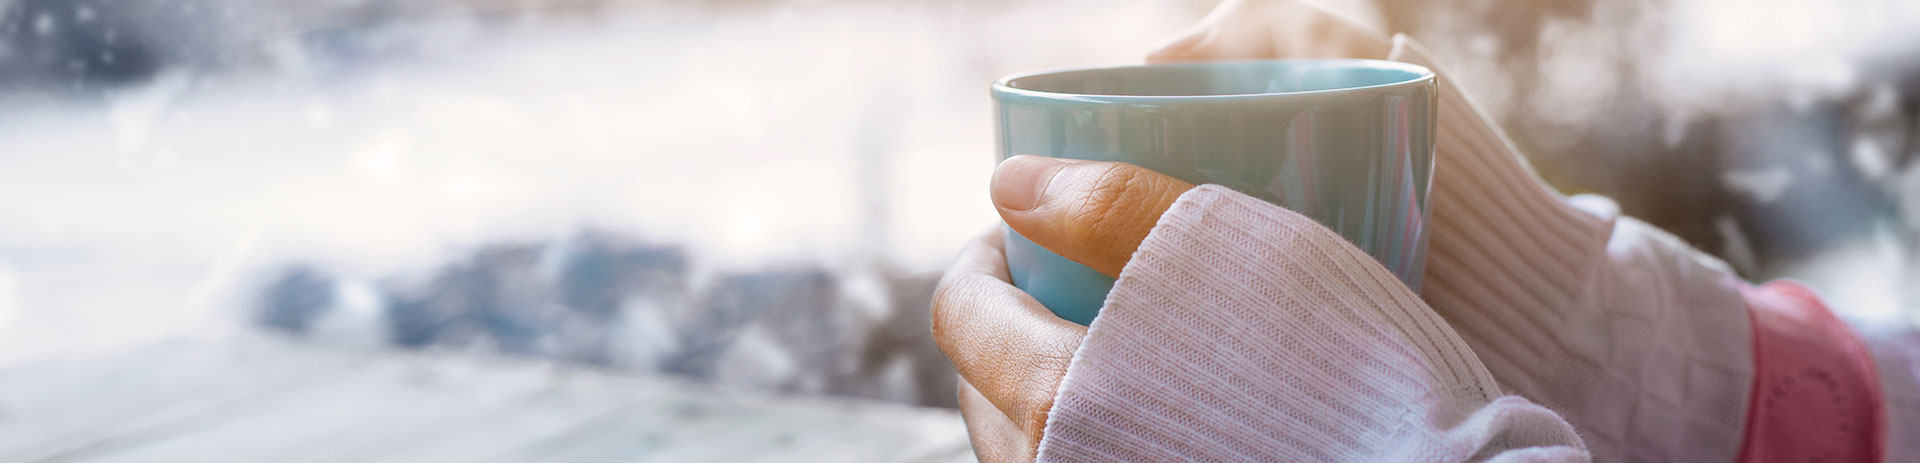 Hände, die eine Tasse Tee halten